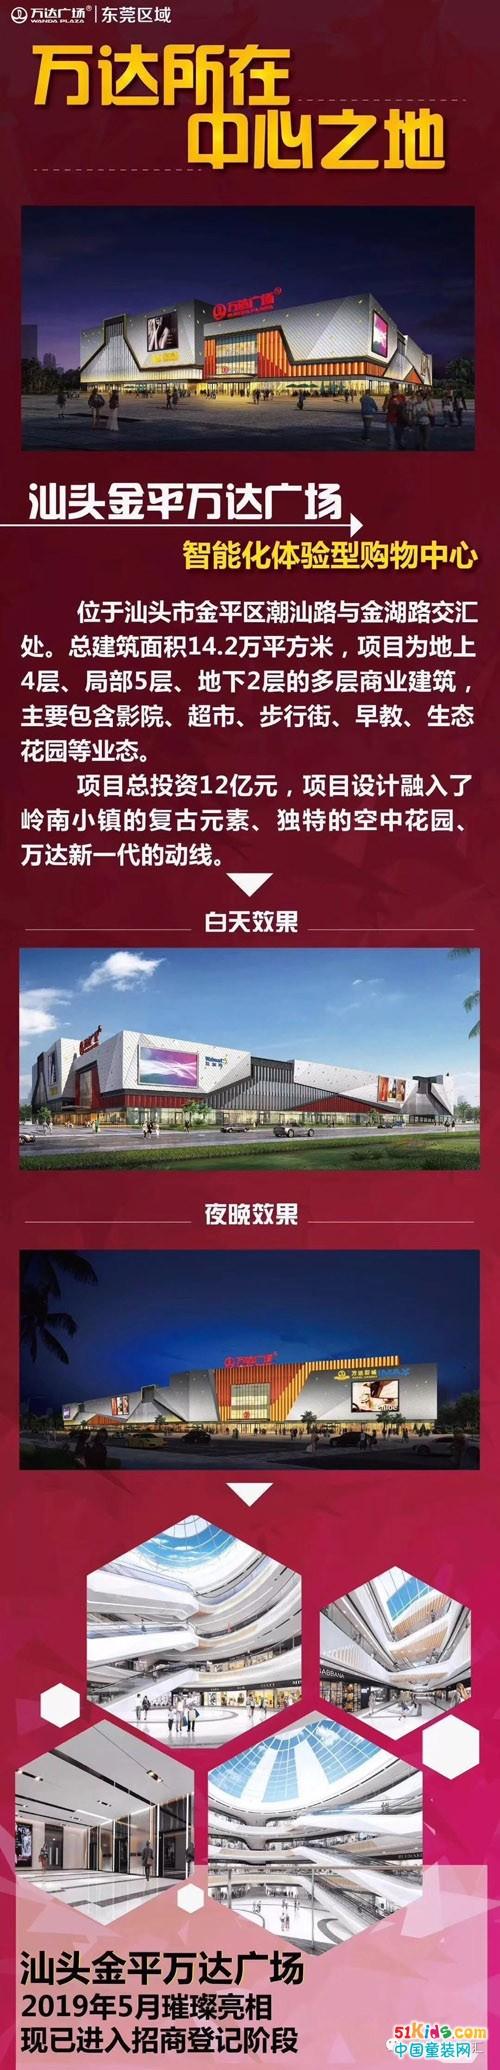 【重磅出击】叮当猫汕头万达广场店5.25日盛装开业!